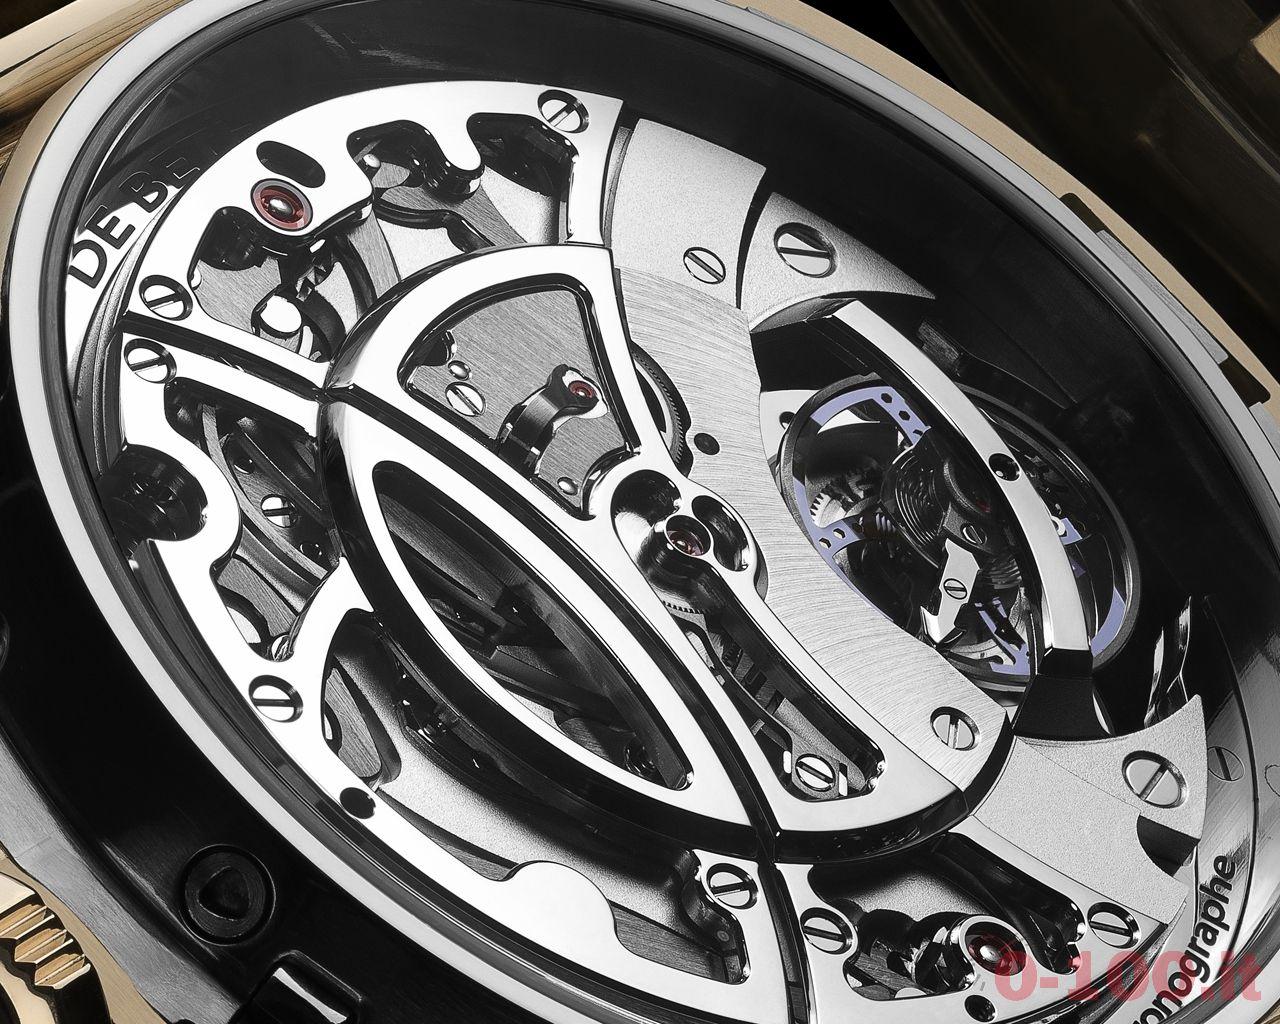 de-bethune-db29-maxichrono-tourbillon-ref-db29rs1-limited-edition-prezzo-price_0-1005